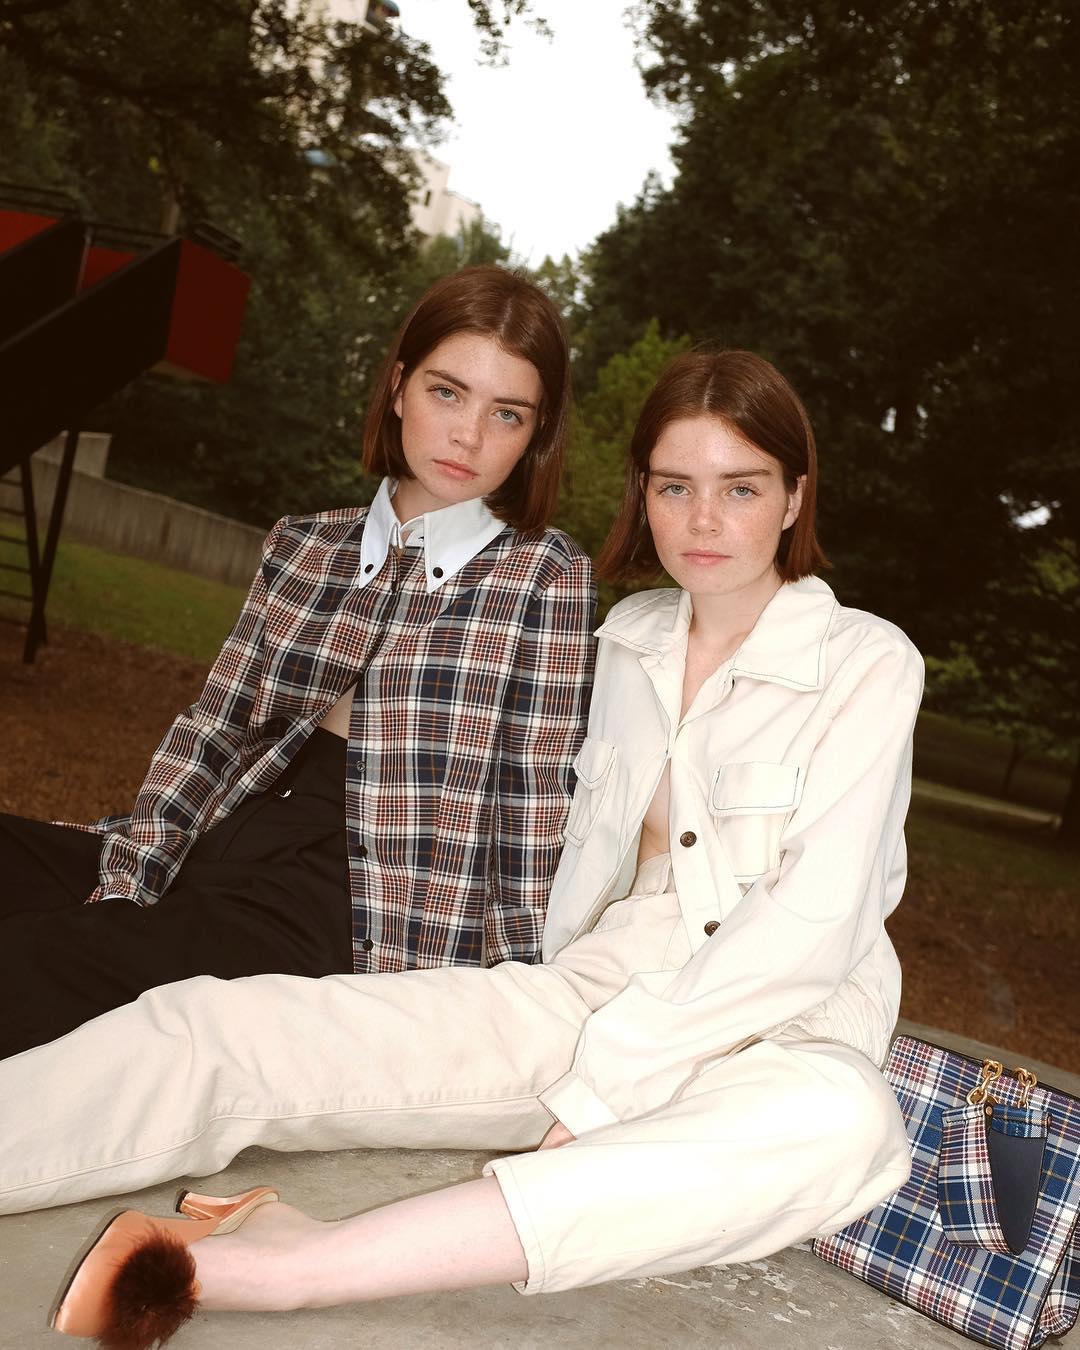 Phong cách thời trang trẻ của chị em sinh đôi 1